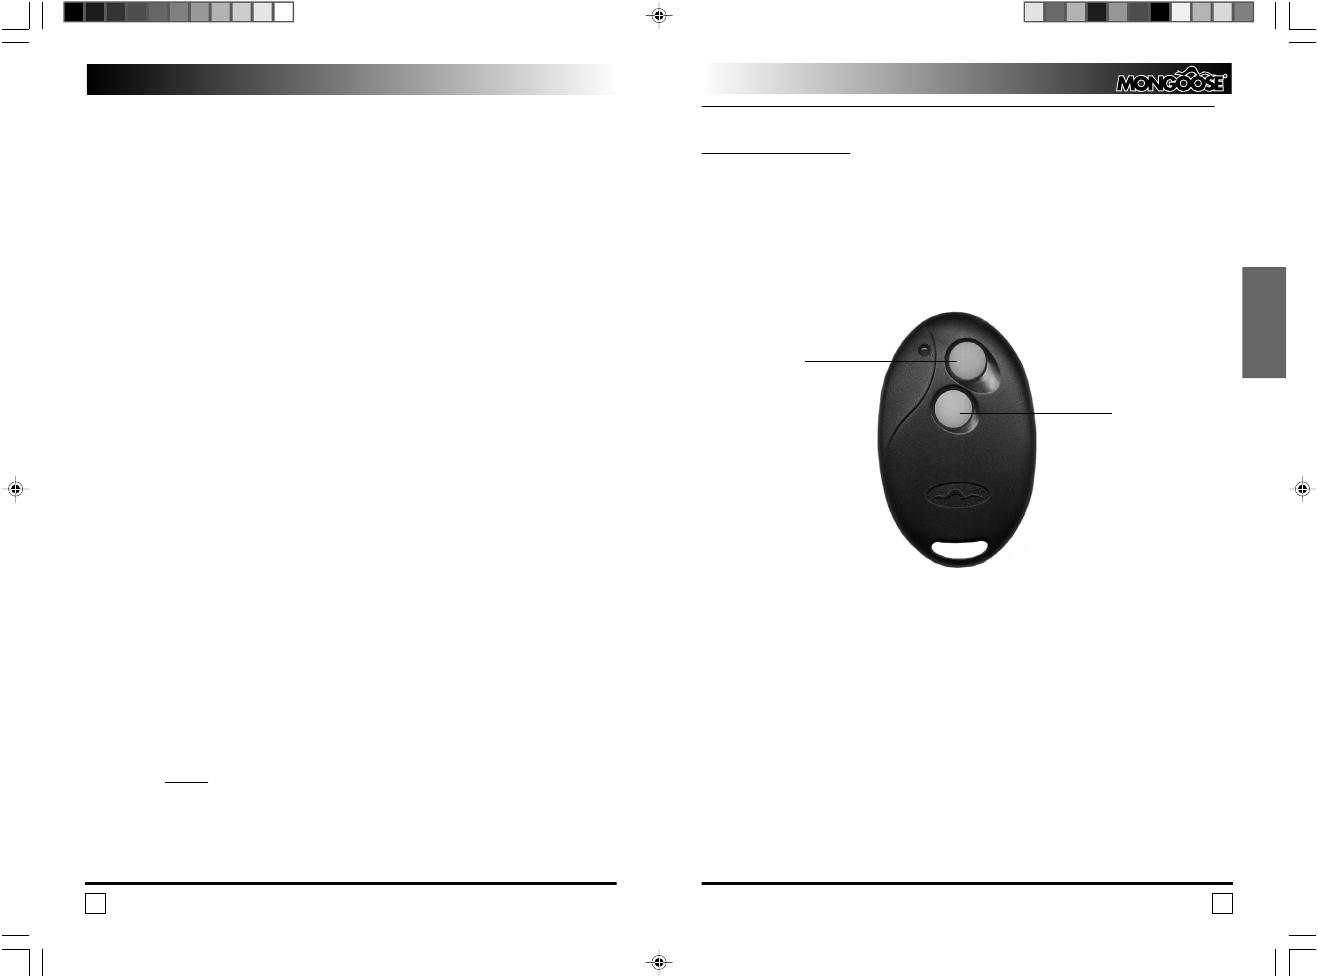 инструкция по эксплуатации mongoose 1.9